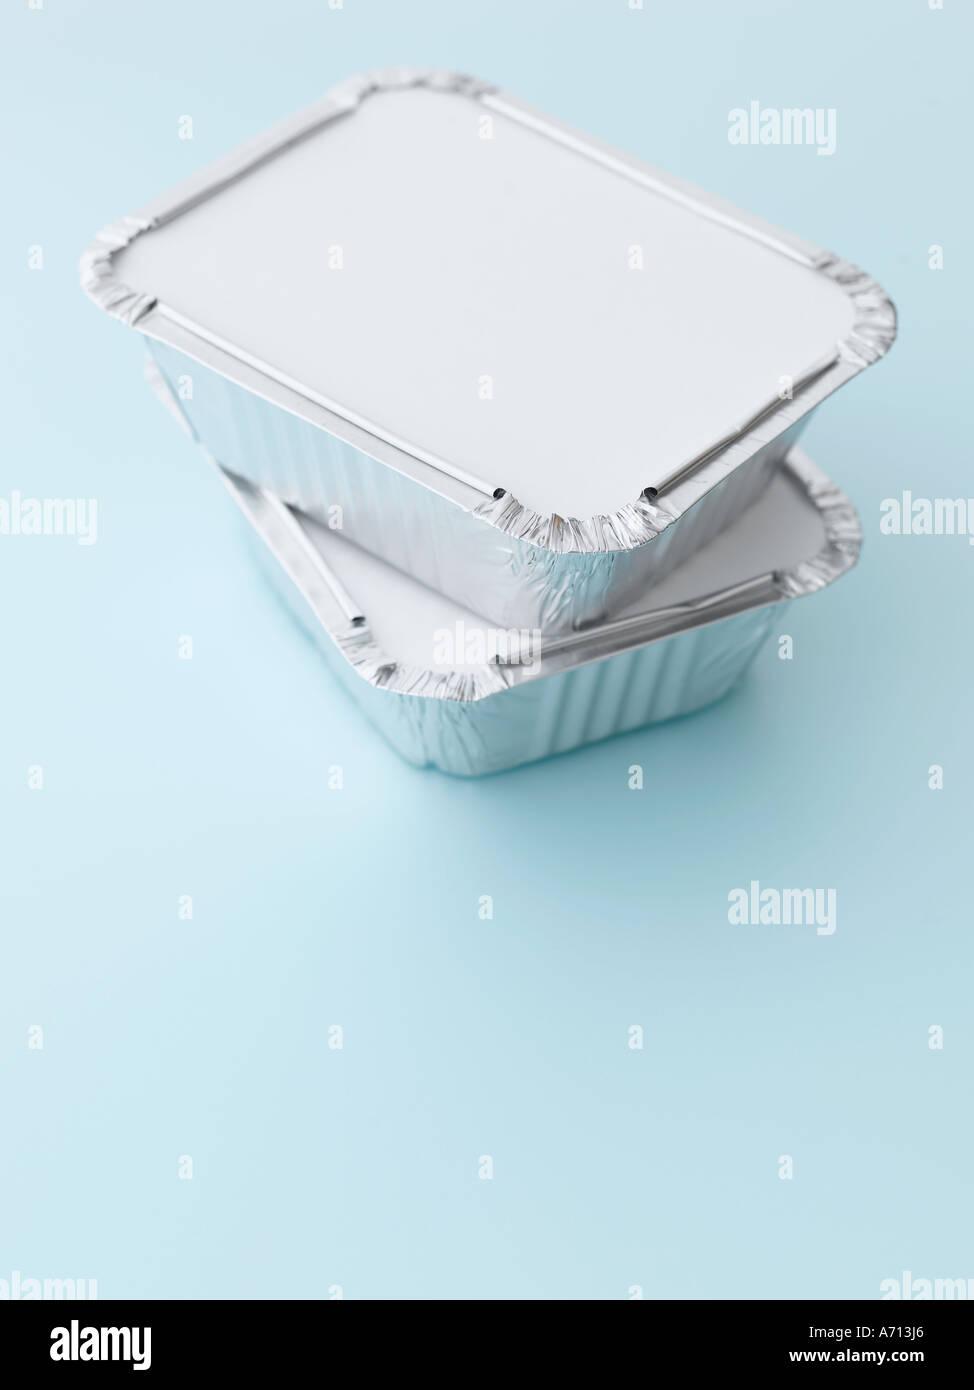 Emporter deux conteneurs empilés sur fond bleu pâle - haut de gamme image numérique Hasselblad 61Mo Photo Stock